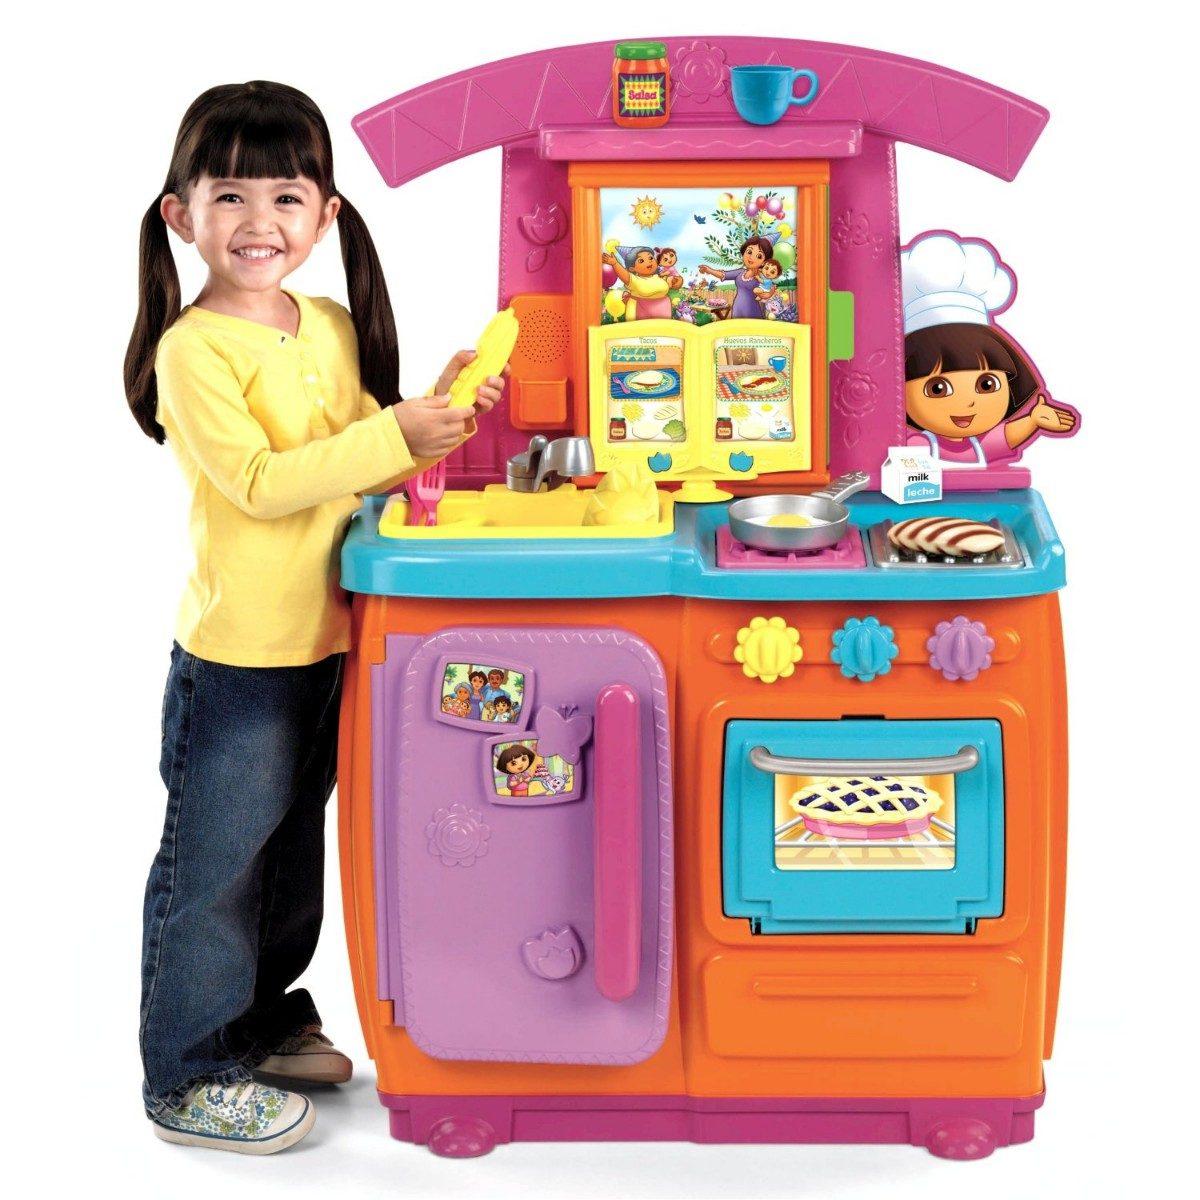 Juguete cocina ni a fisher price dora la exploradora pm0 - Dora la exploradora cocina ...